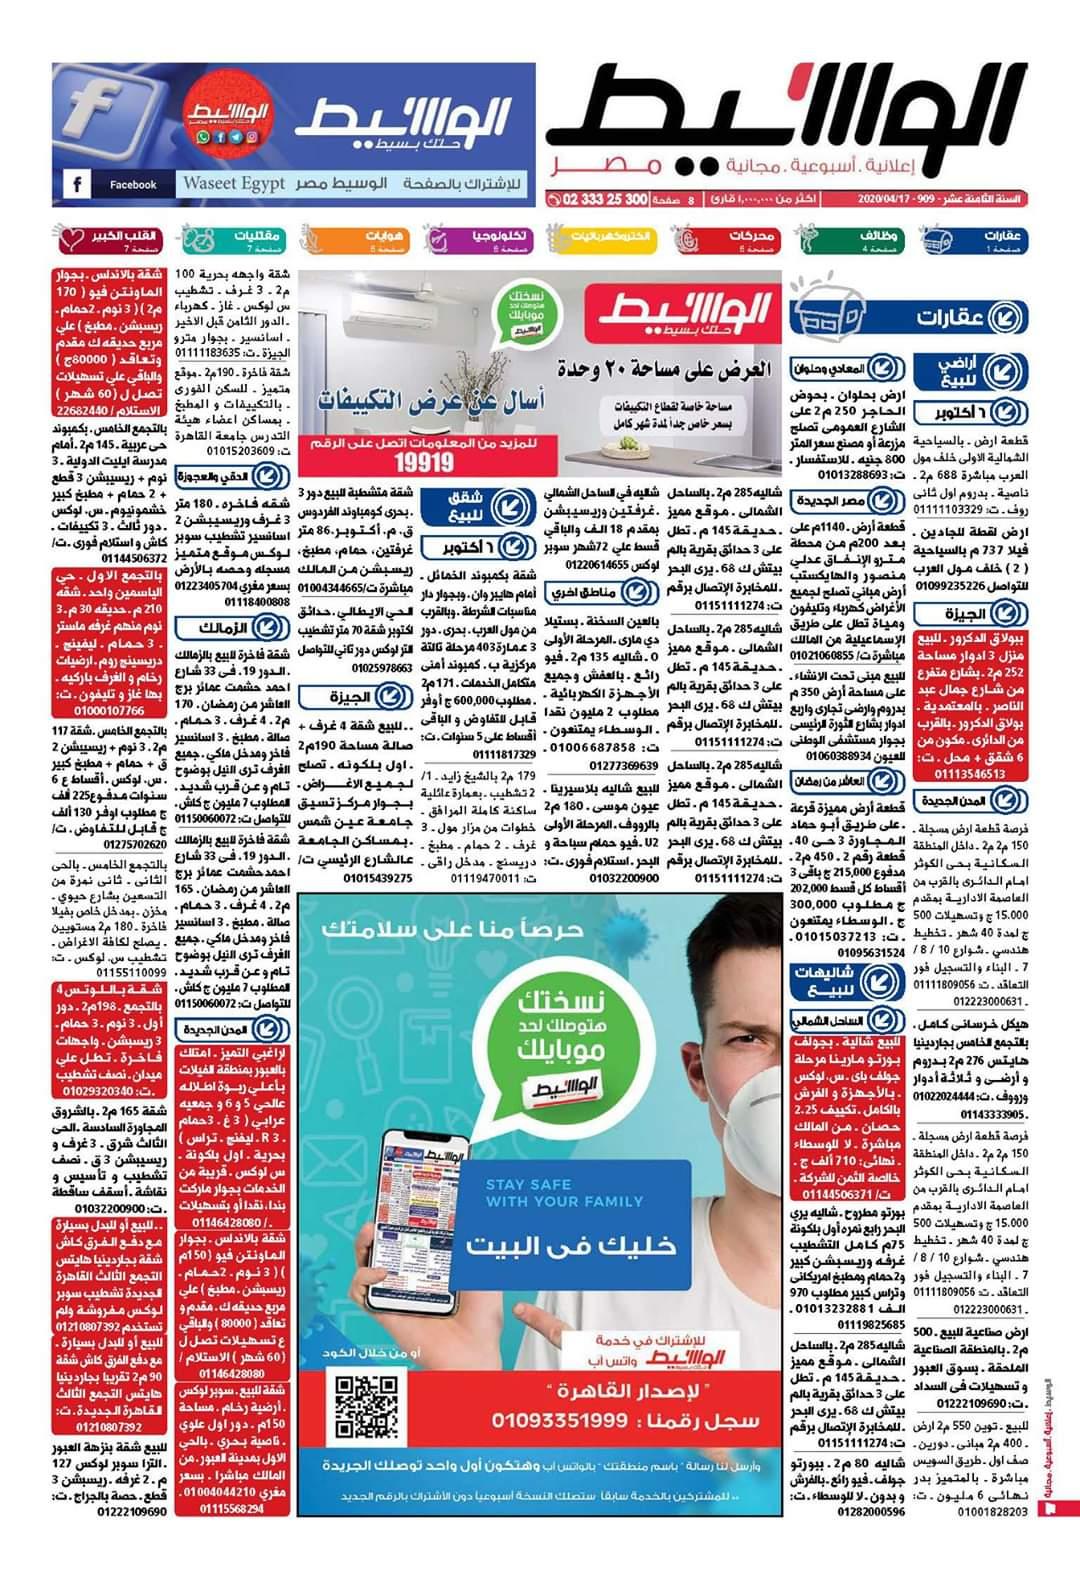 وظائف الوسيط   الوسيط وظائف واعلانات الجمعة 17 ابريل 2020